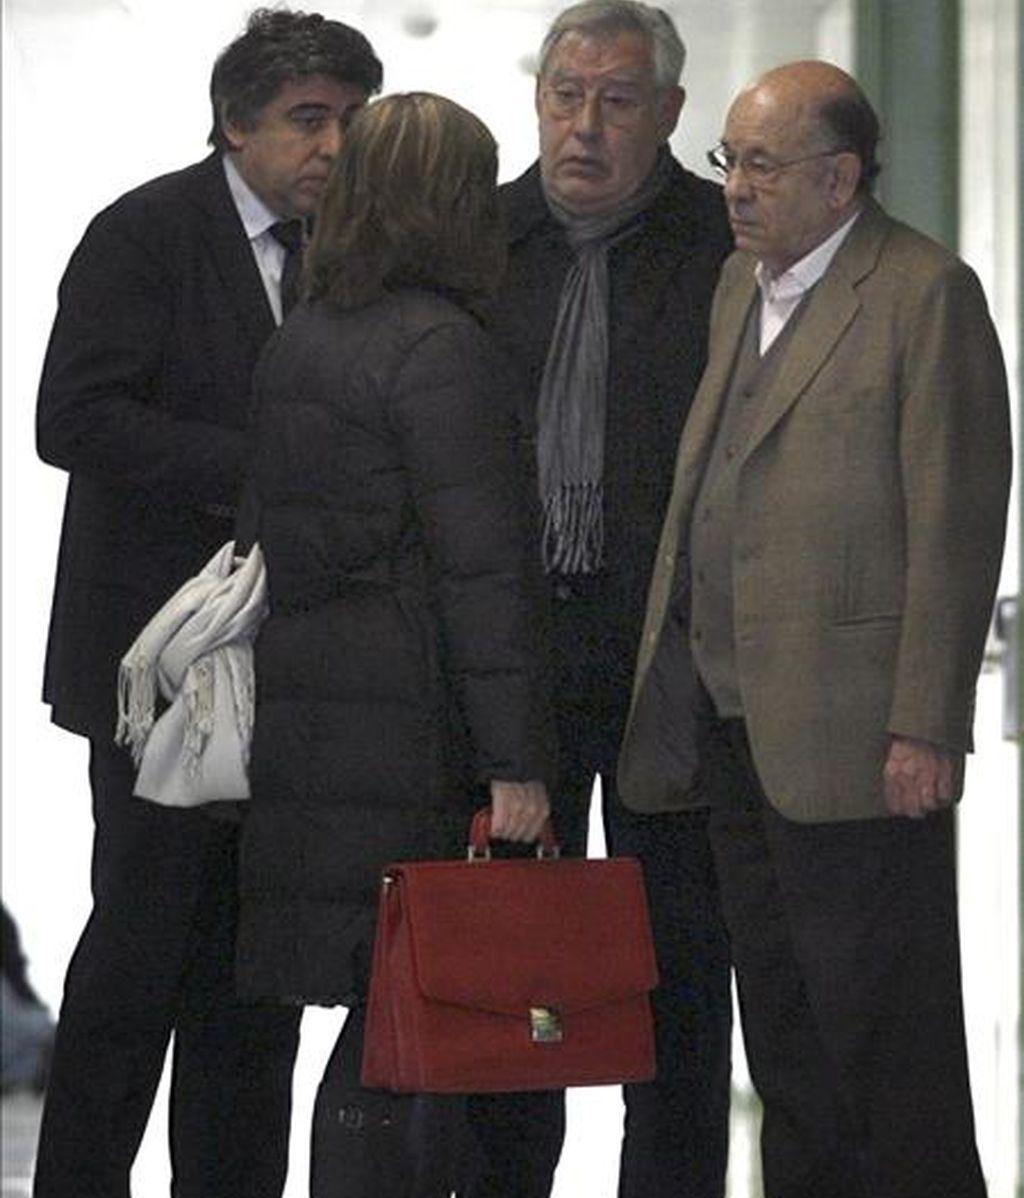 Los saqueadores confesos del Palau de la Música Fèlix Millet (d ) y Jordi Montull (2ºd), acompañados de sus respectivos abogados, Mireia Astor y Jordi Pina (i), conversan en los juzgados donde se han negado hoy a declarar ante el juez sobre los nuevos indicios conocidos en relación con el desvío de fondos y los supuestos pagos a Convergència Democrcrática de Cataluña ( CDC ) desvelados por la Agencia Tributaria. EFE